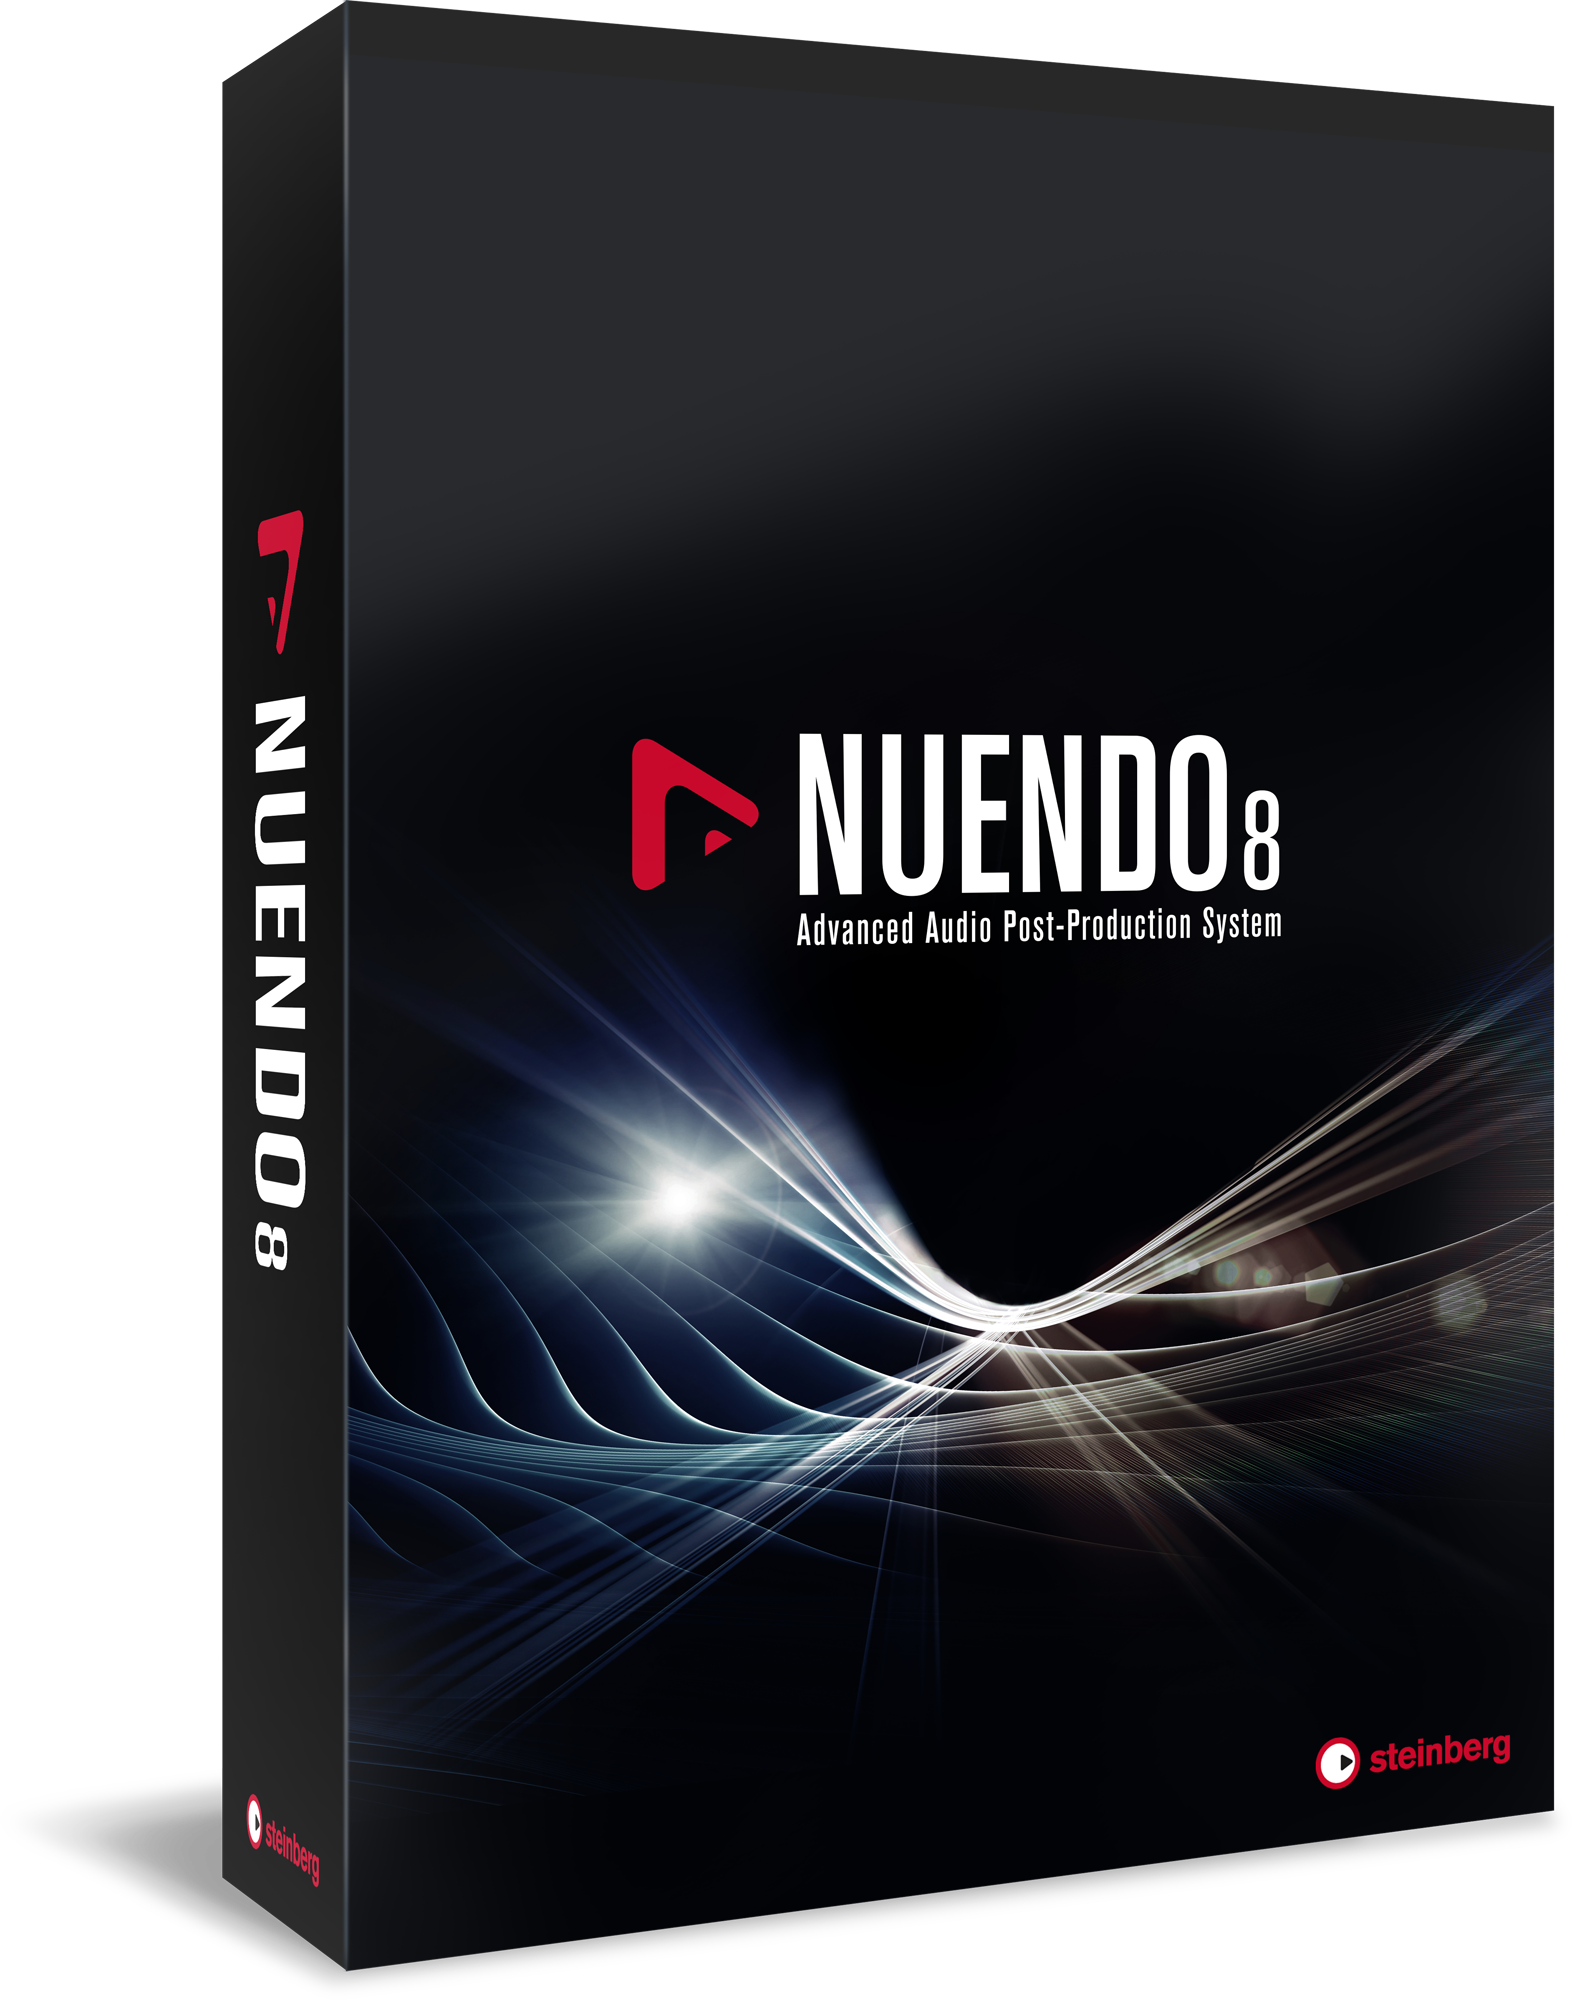 Nuendo_8-1_01.png